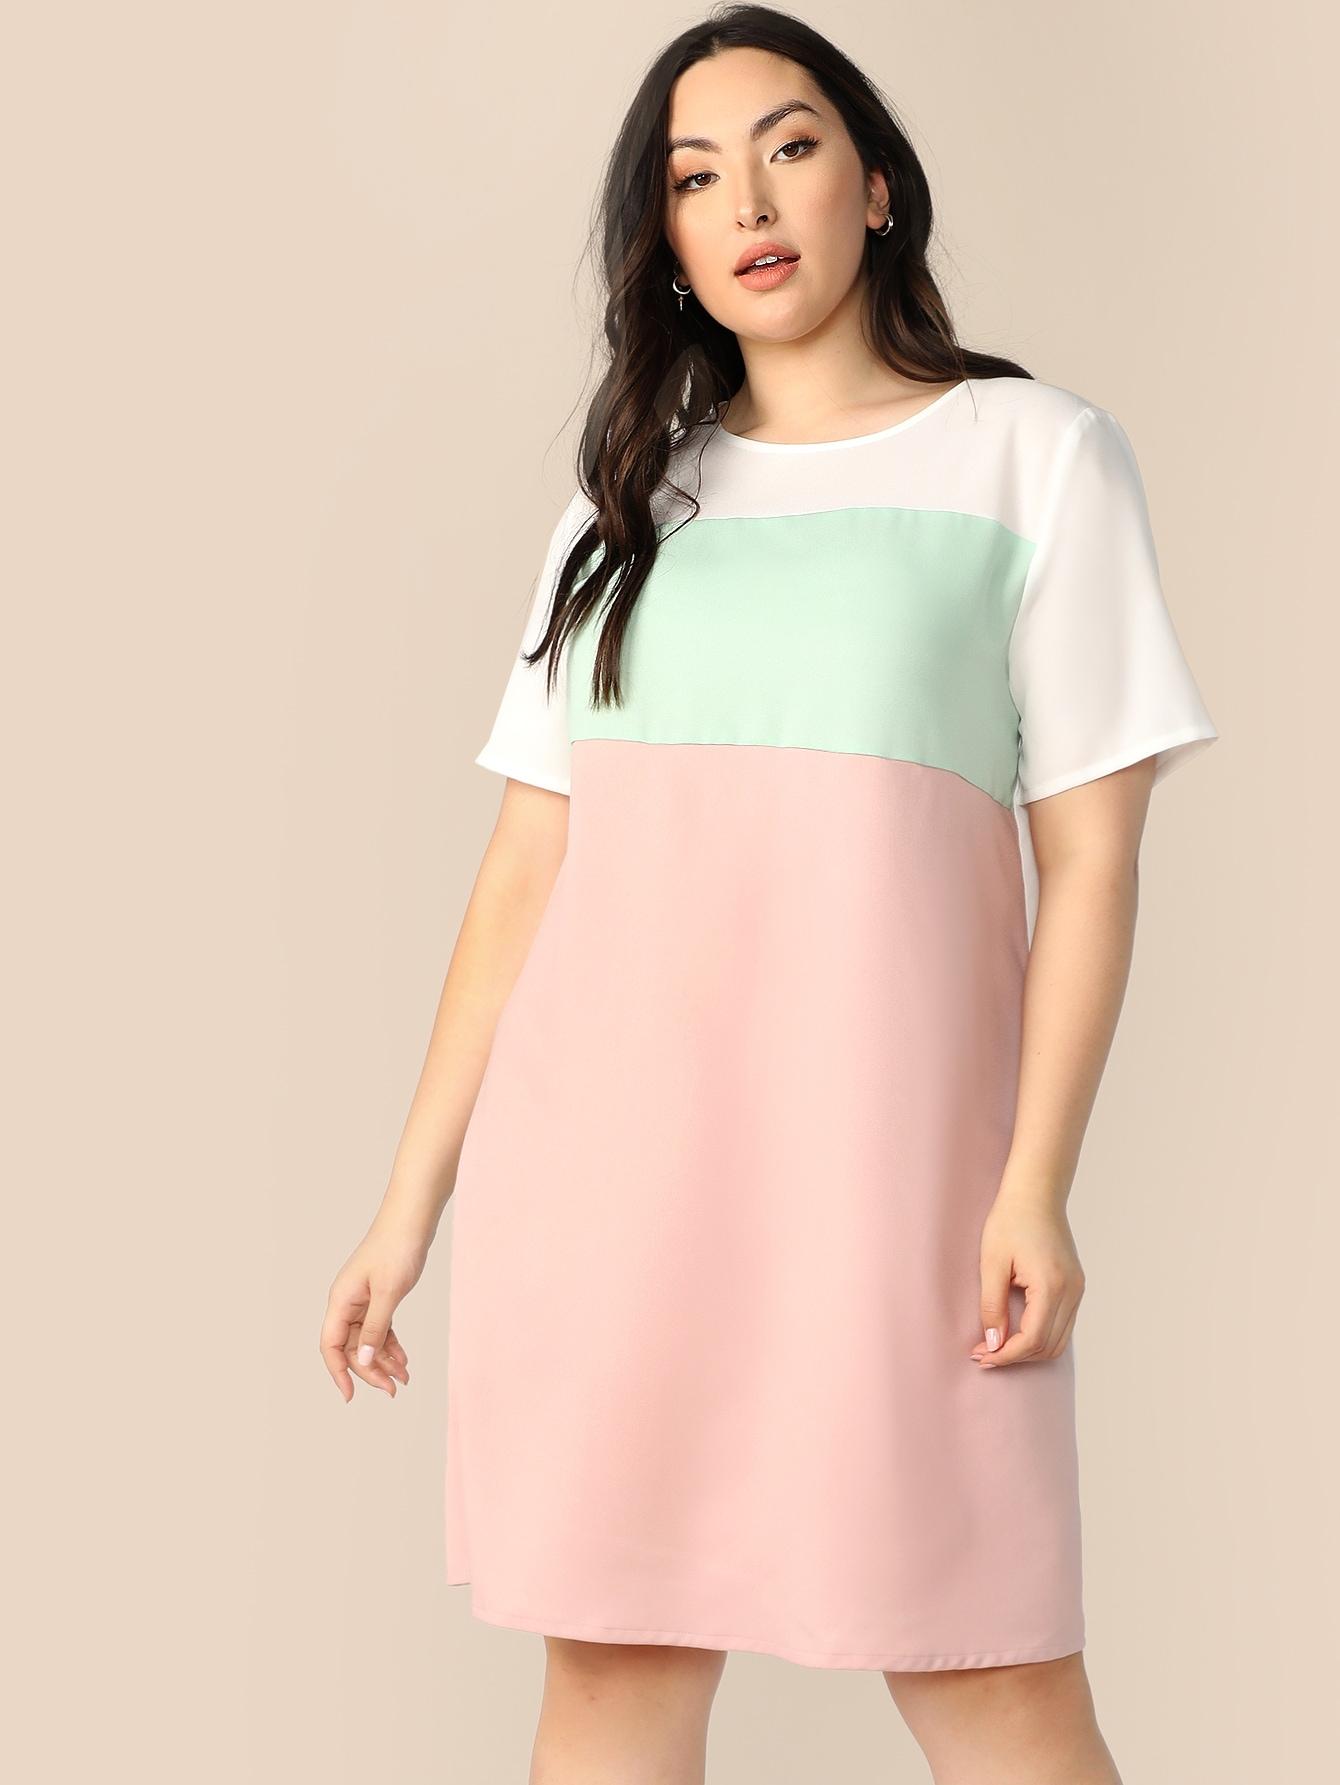 Фото - Контрастное платье размера плюс с застежкой от SheIn цвет многихцветные